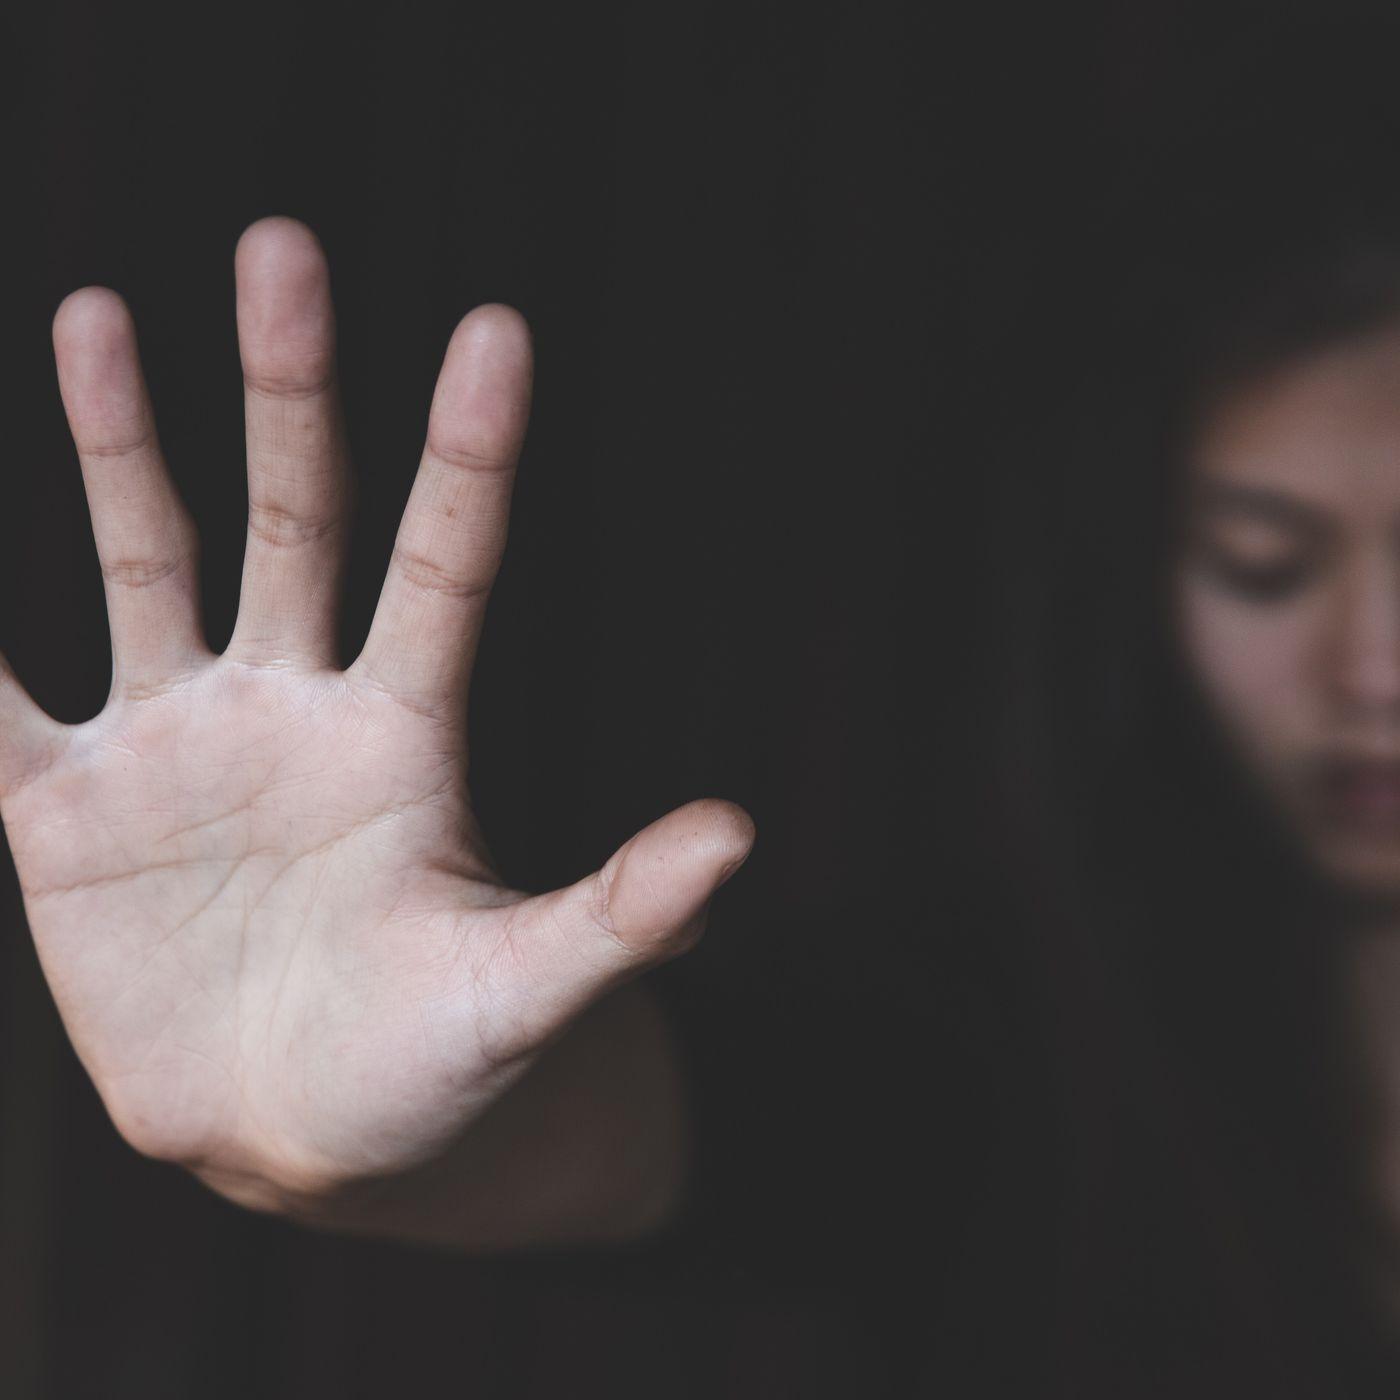 Tecavüz Mitleri: Halk Arasında Yaygın Olarak İnanılan Bu Mitlere Kanmayın!